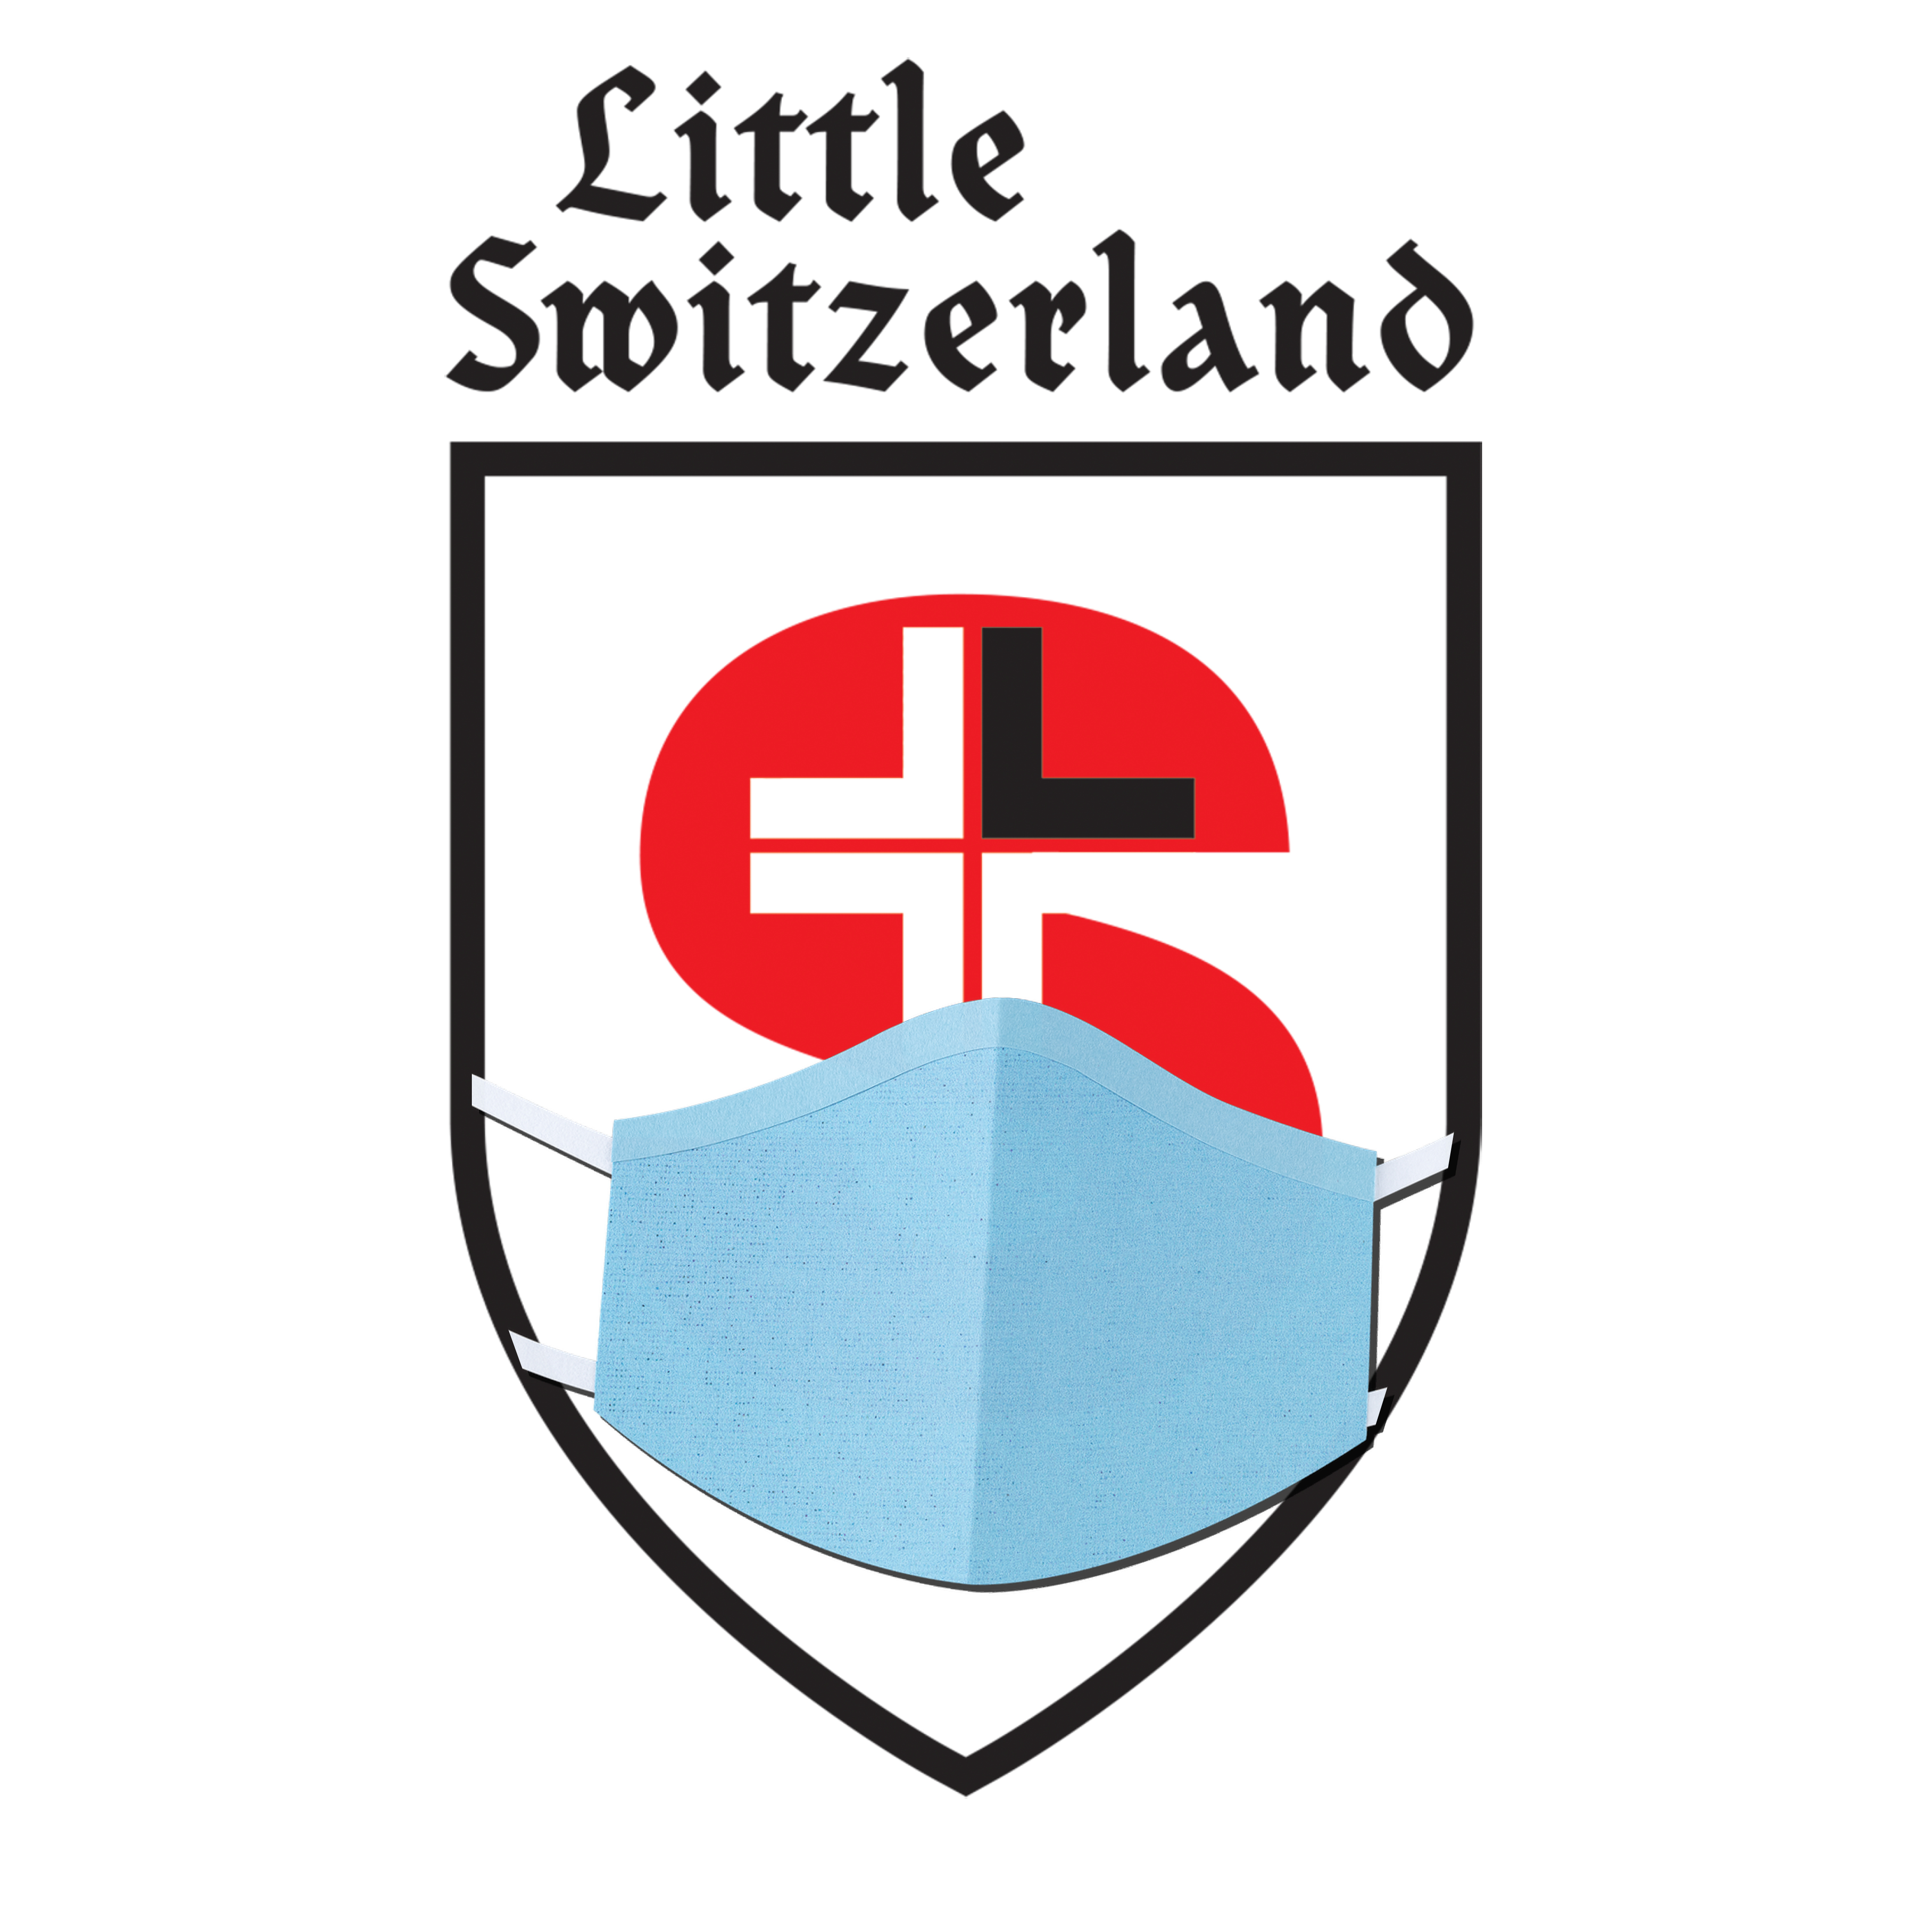 Little Switzerland